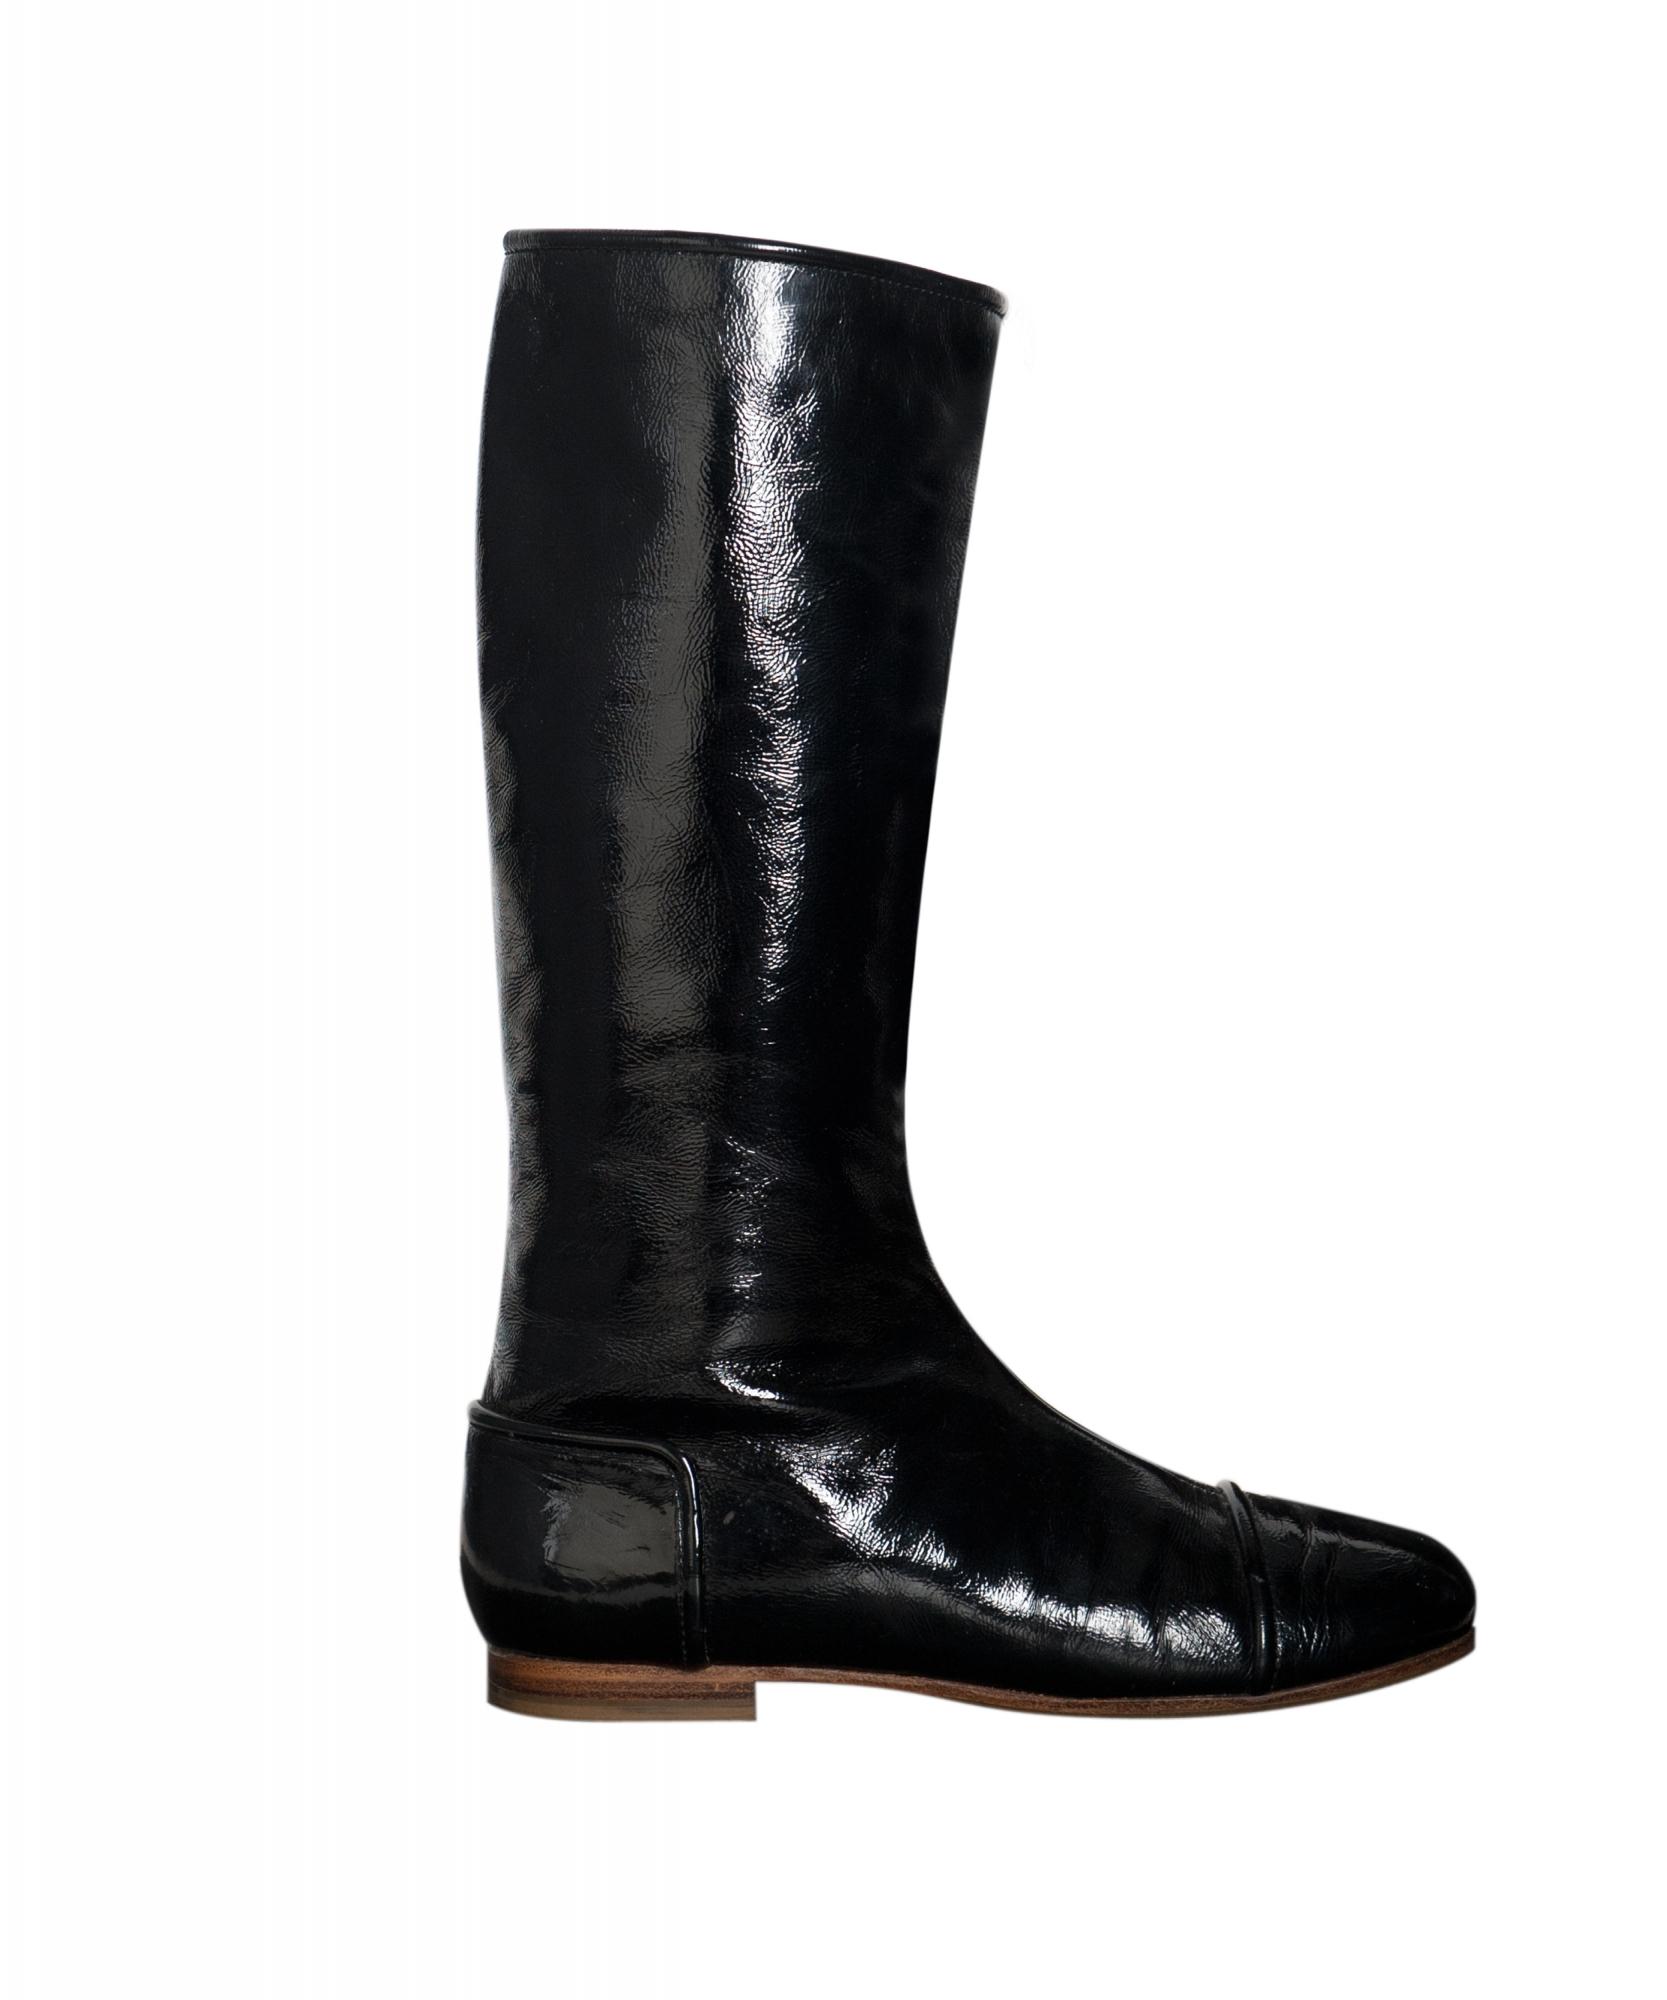 Courrèges Patent Leather Go-Go Boots